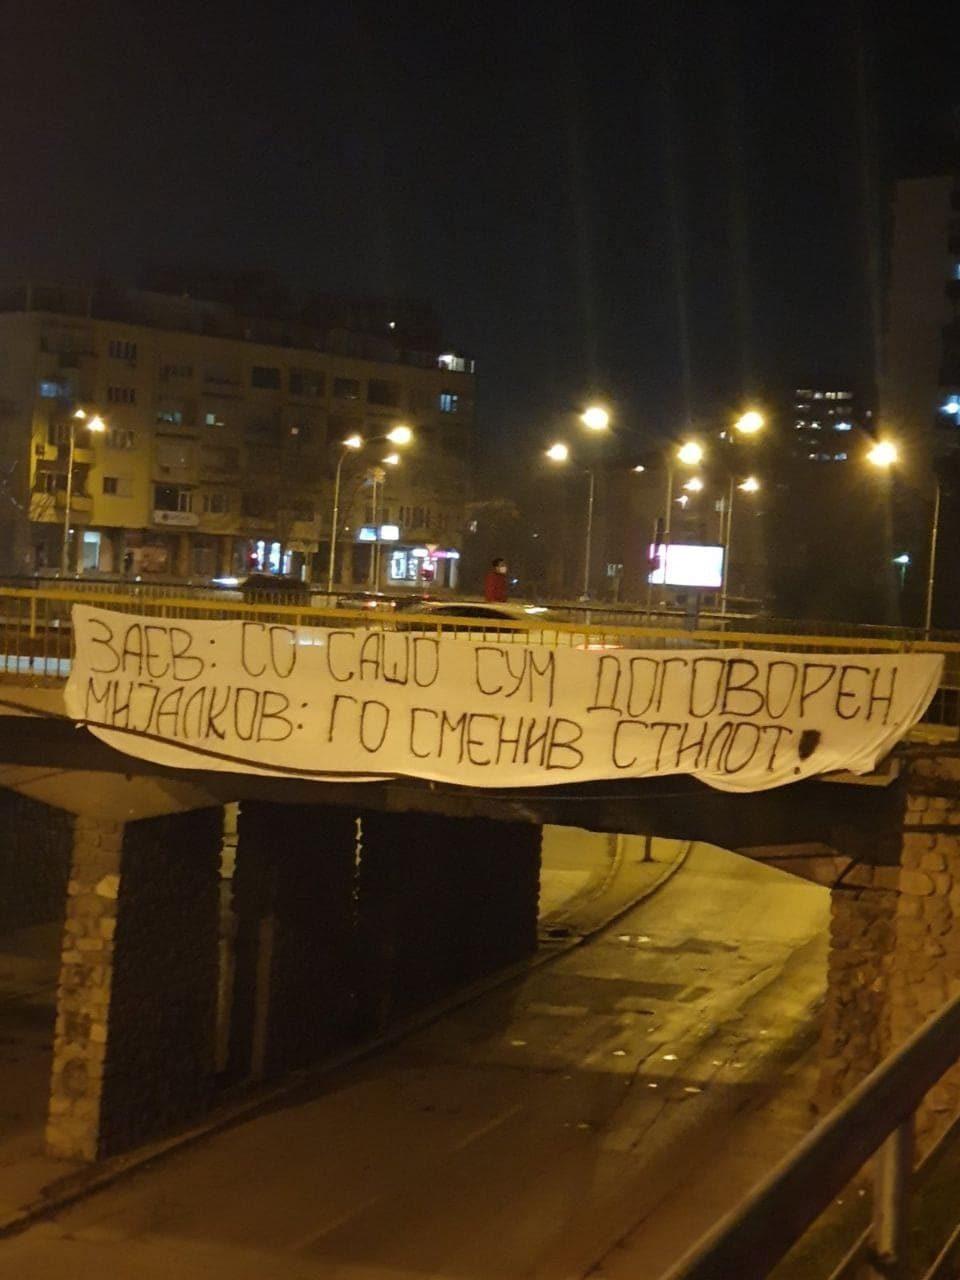 """Герила акција вечерва во Скопје: """"Заев: Со Сашо сум договорен Мијалков: Го сменив стилот"""""""